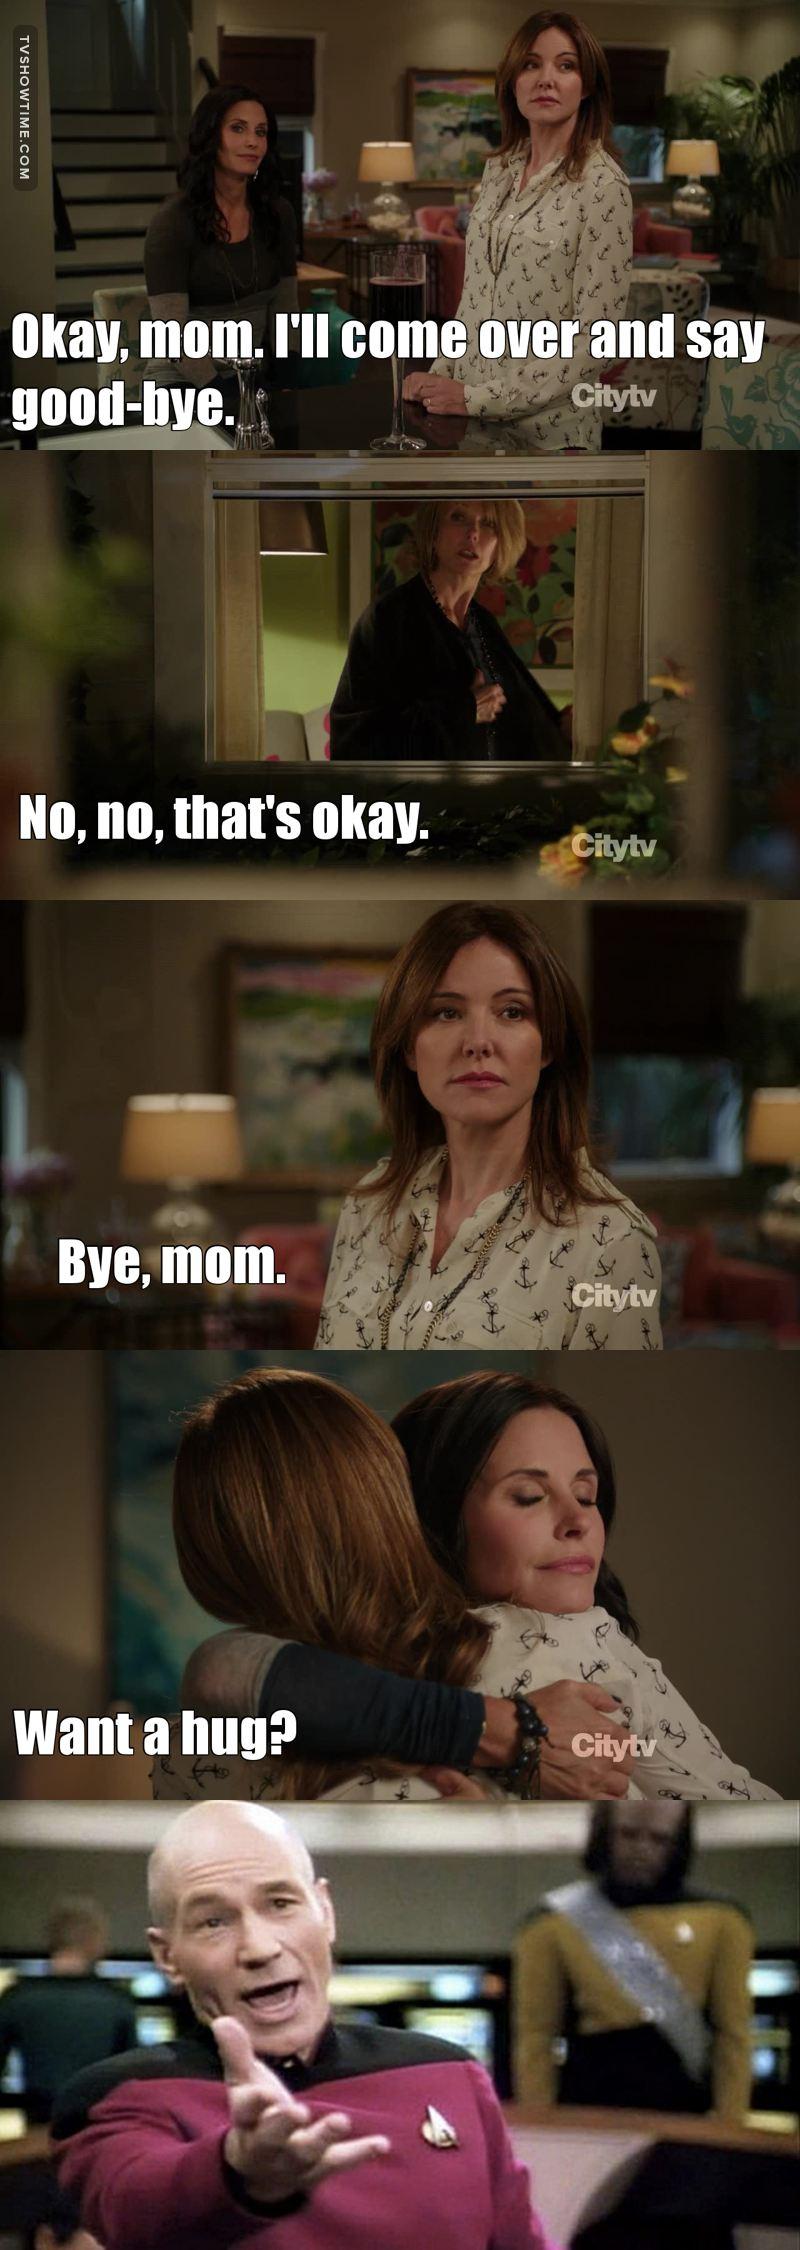 I cried!